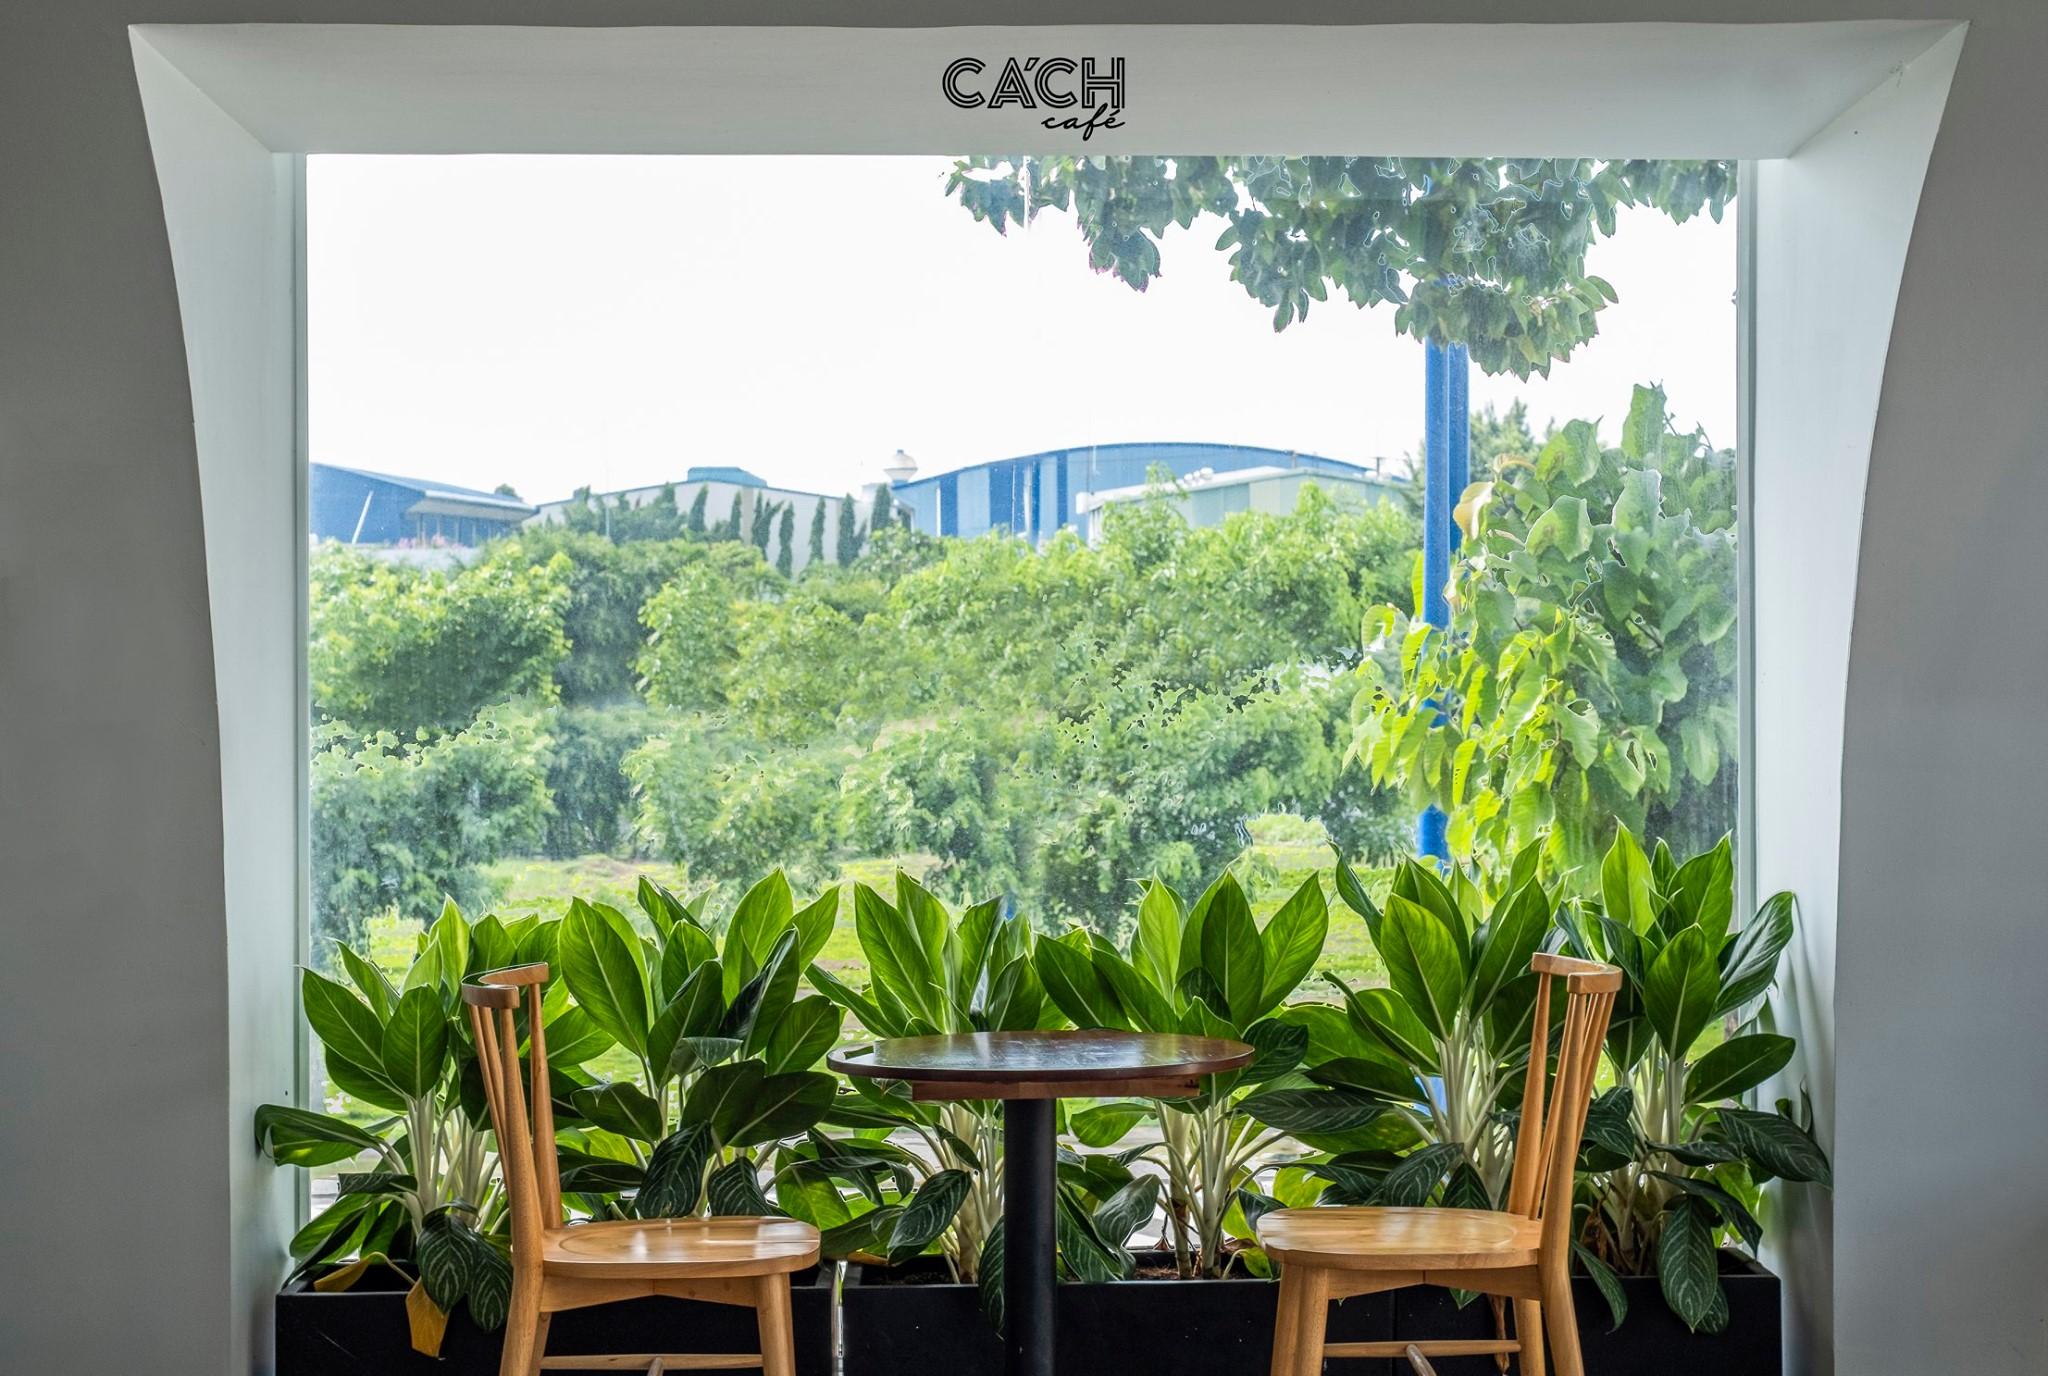 """Một góc cửa sổ siêu """"tình"""" của Cách Cafe. Hình: Cách Cafe"""